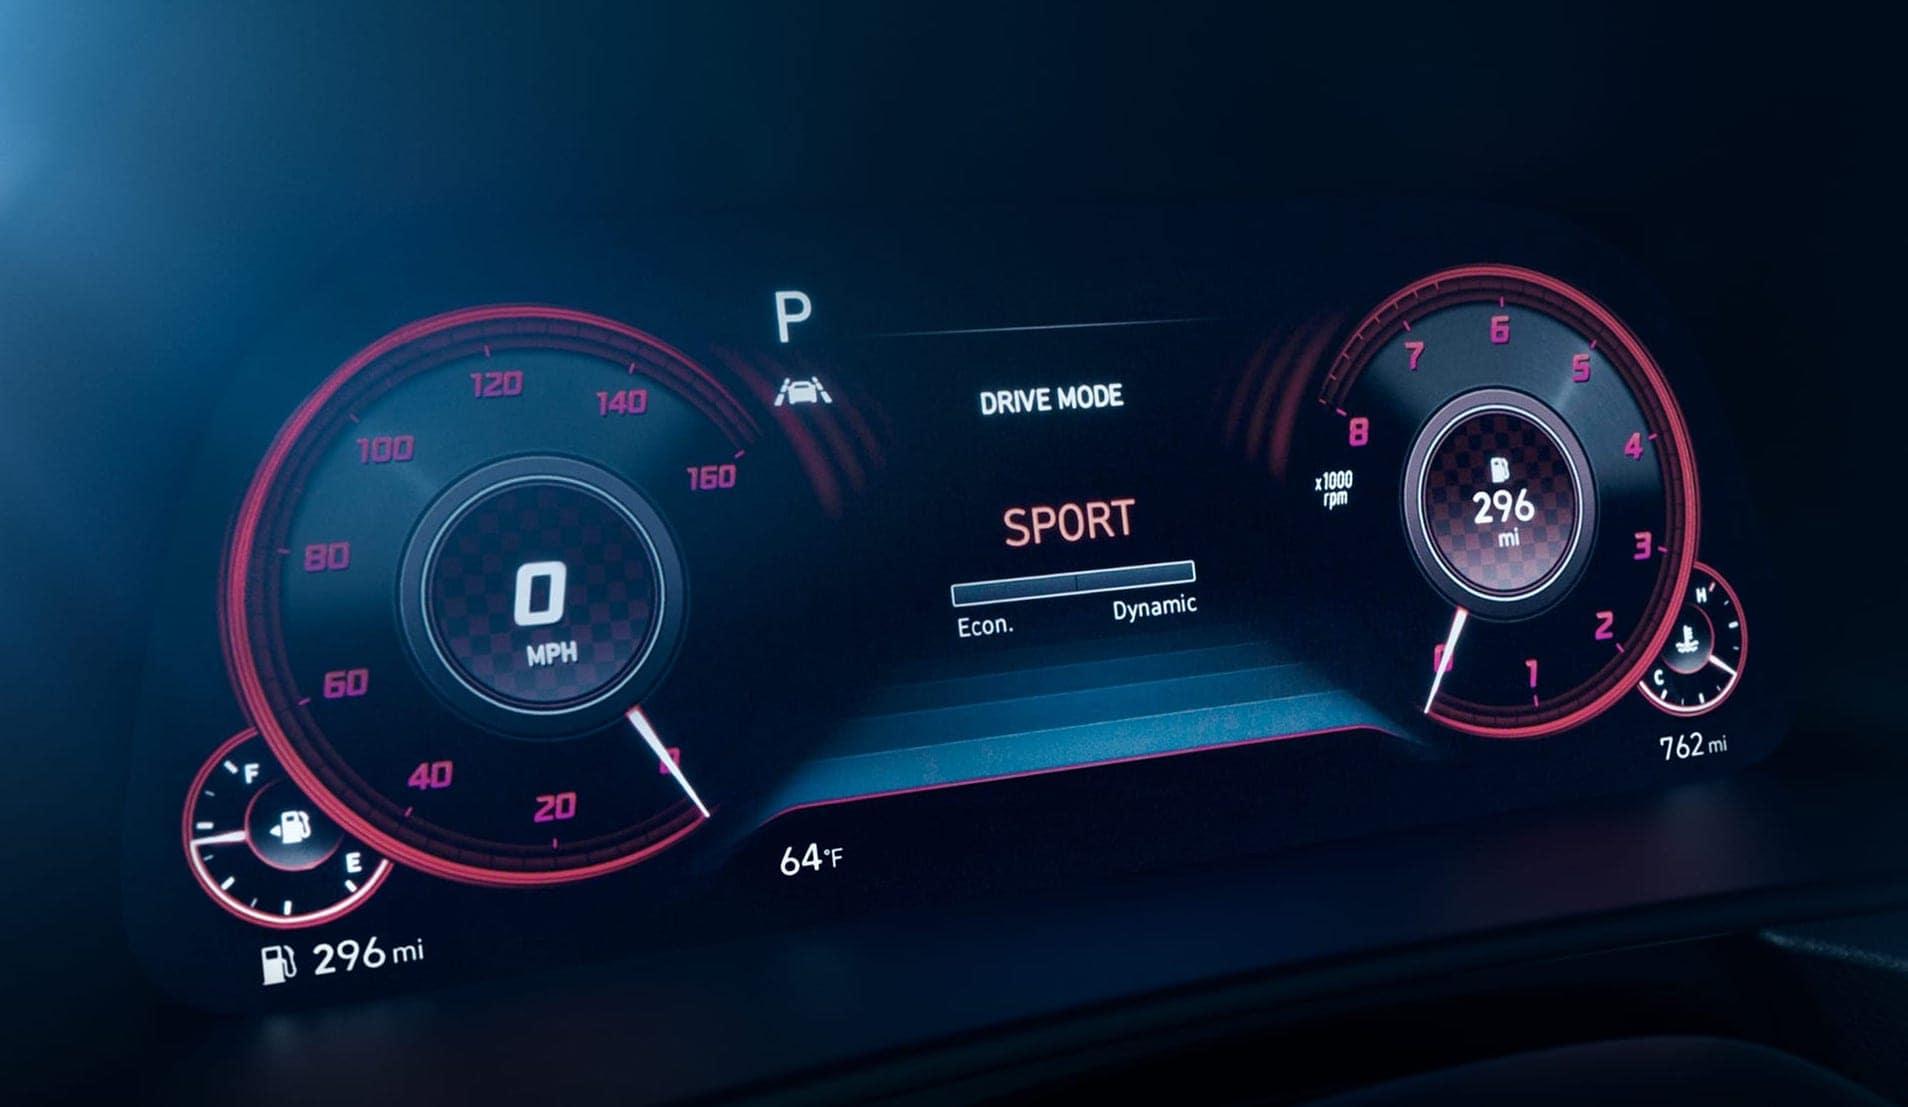 2020 Hyundai Sonata Performance